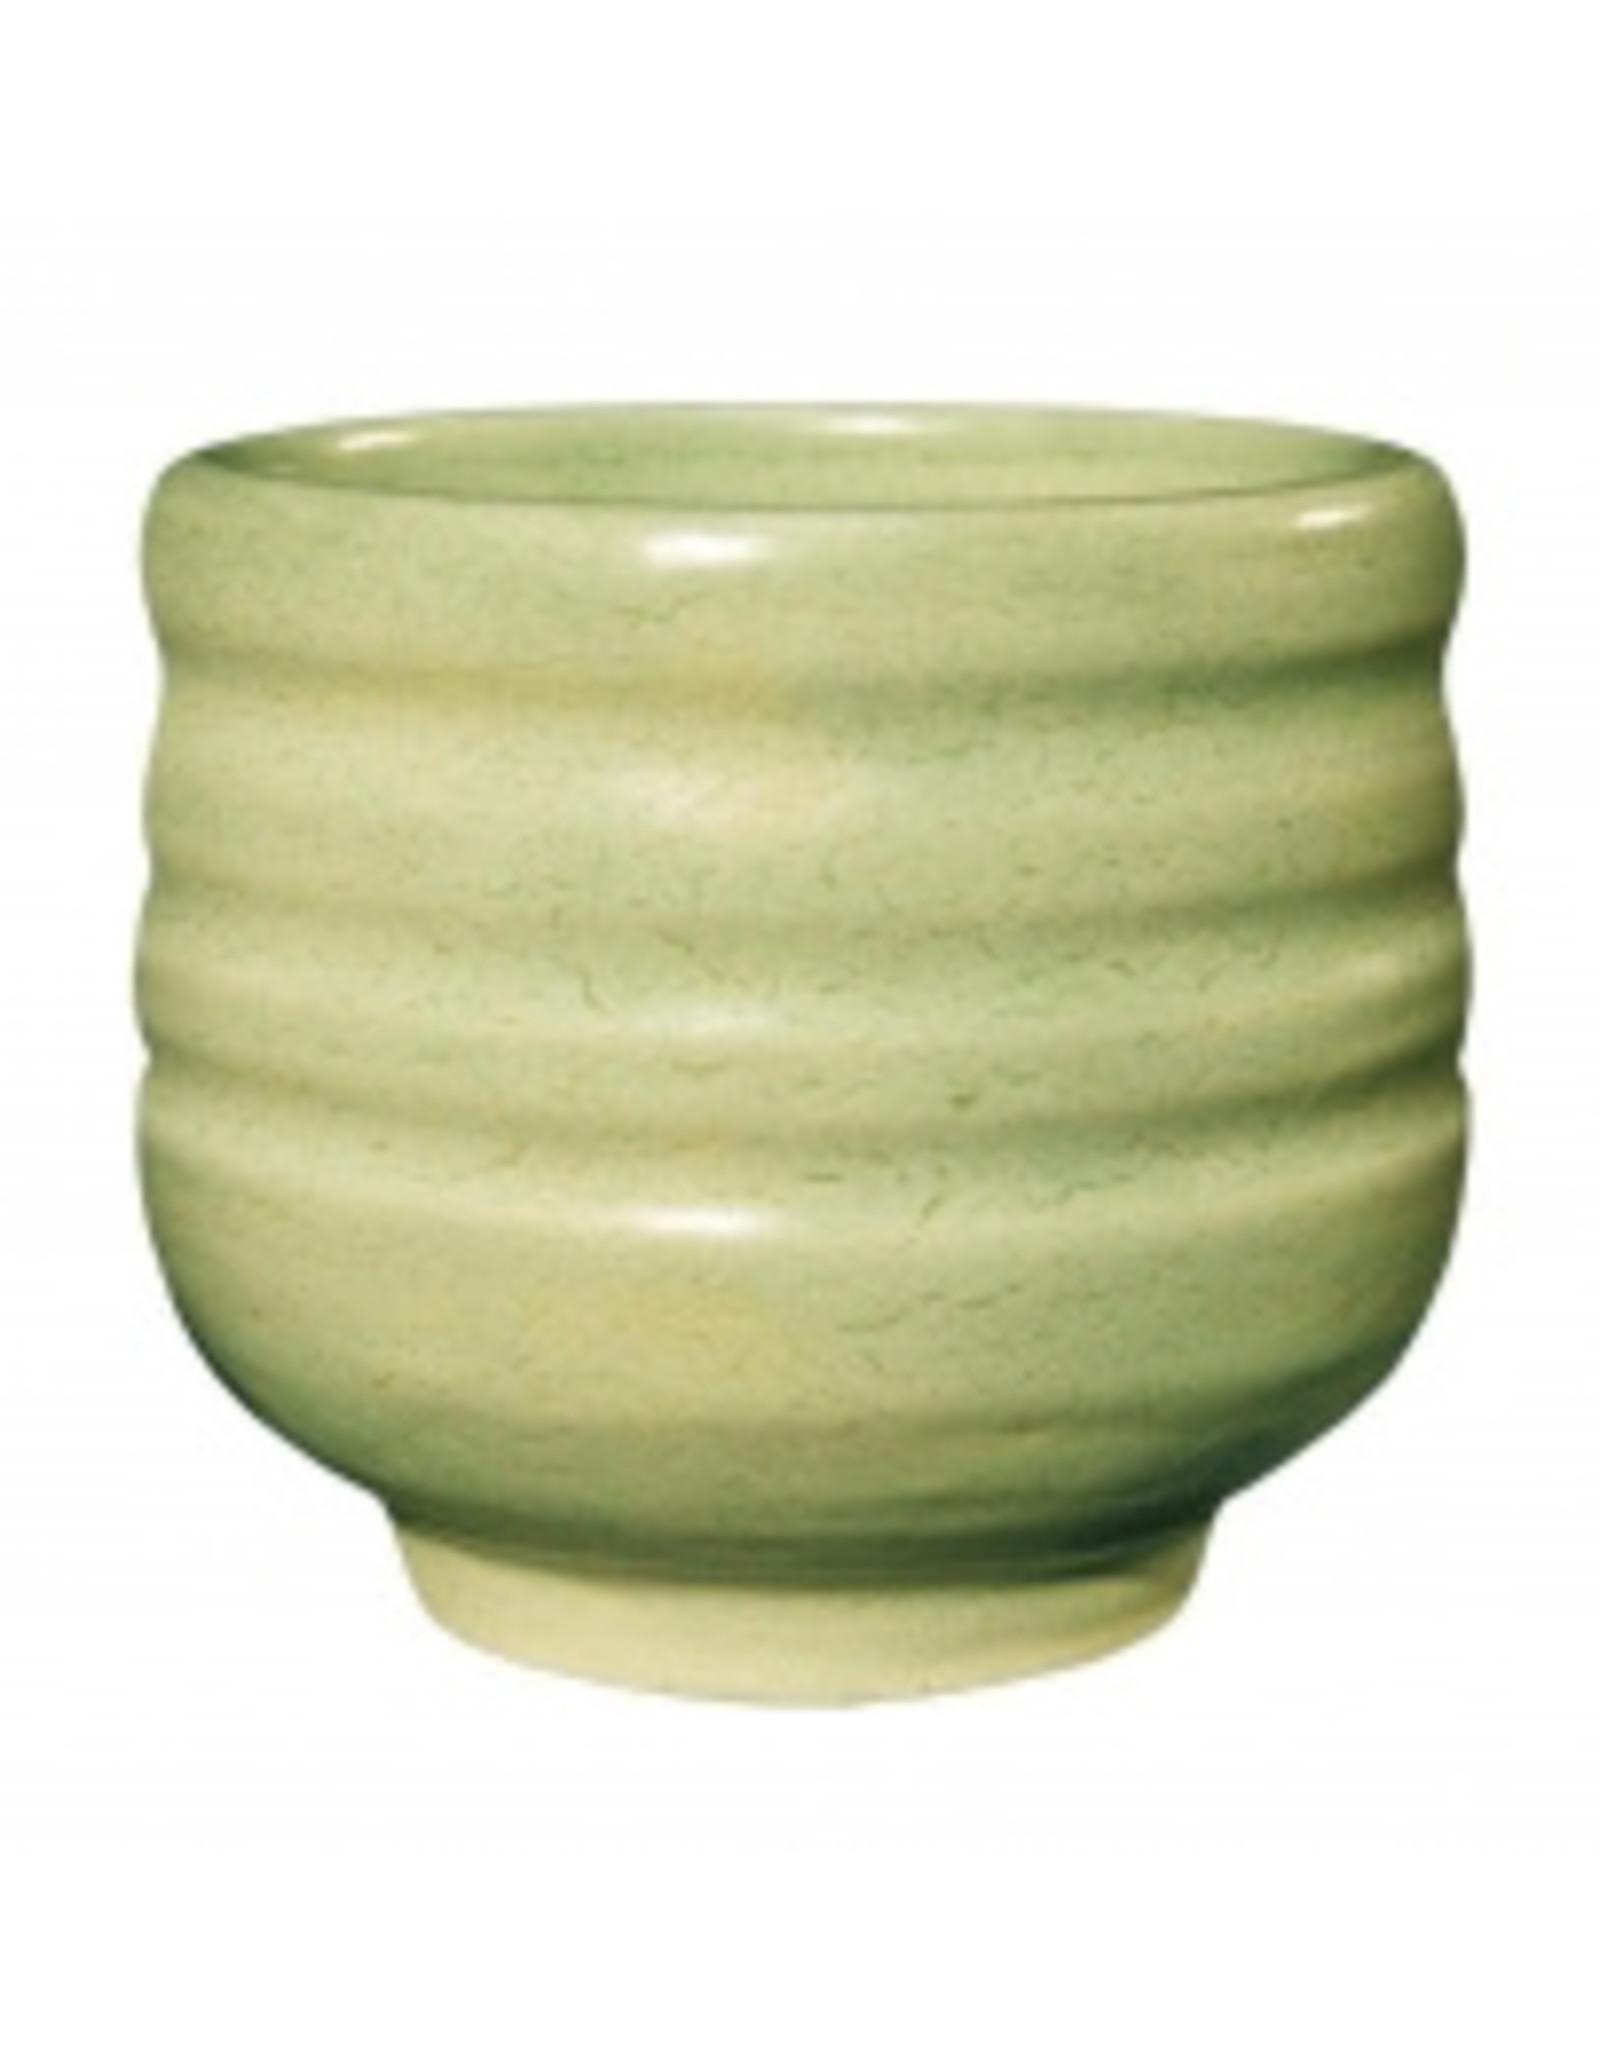 Frosted Melon AMACO Potters Choice Brush-on Stoneware Glaze 473ML 1180˚C - 1240˚C